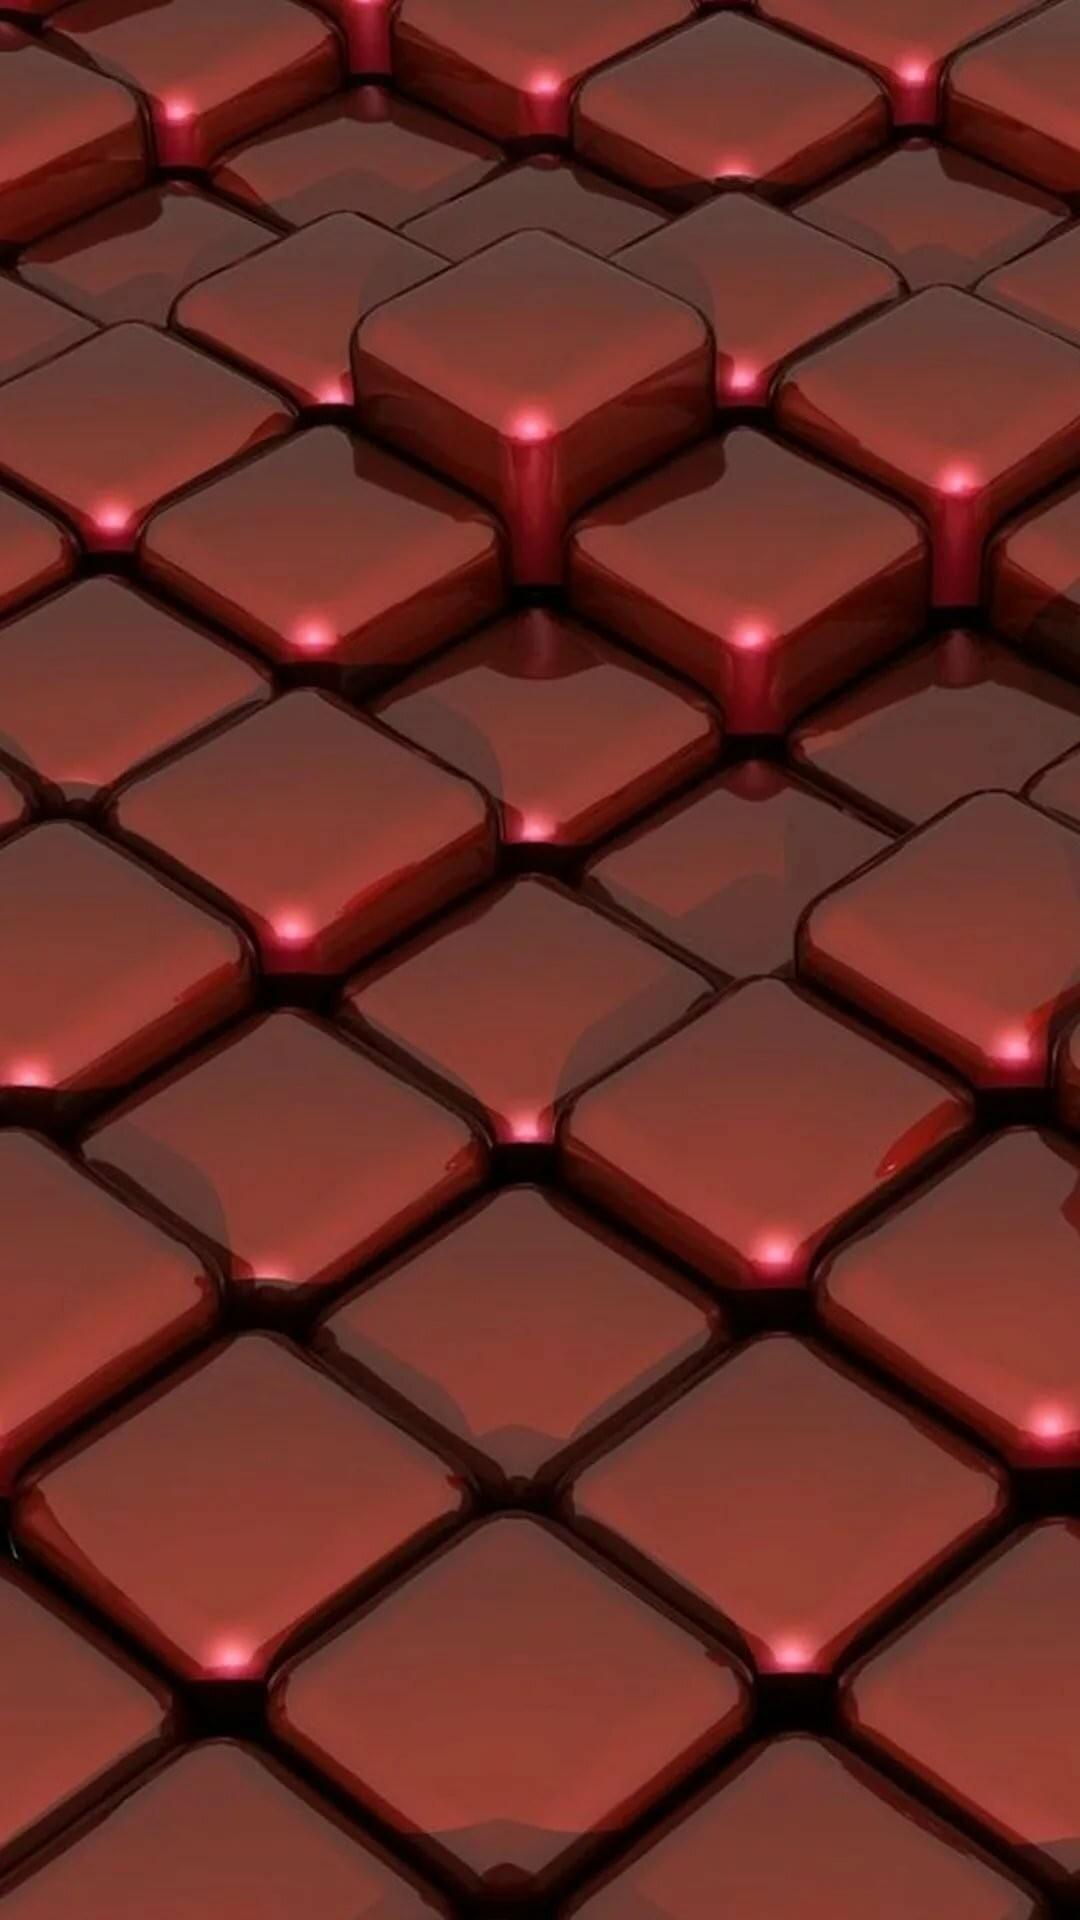 Matrix hd wallpaper